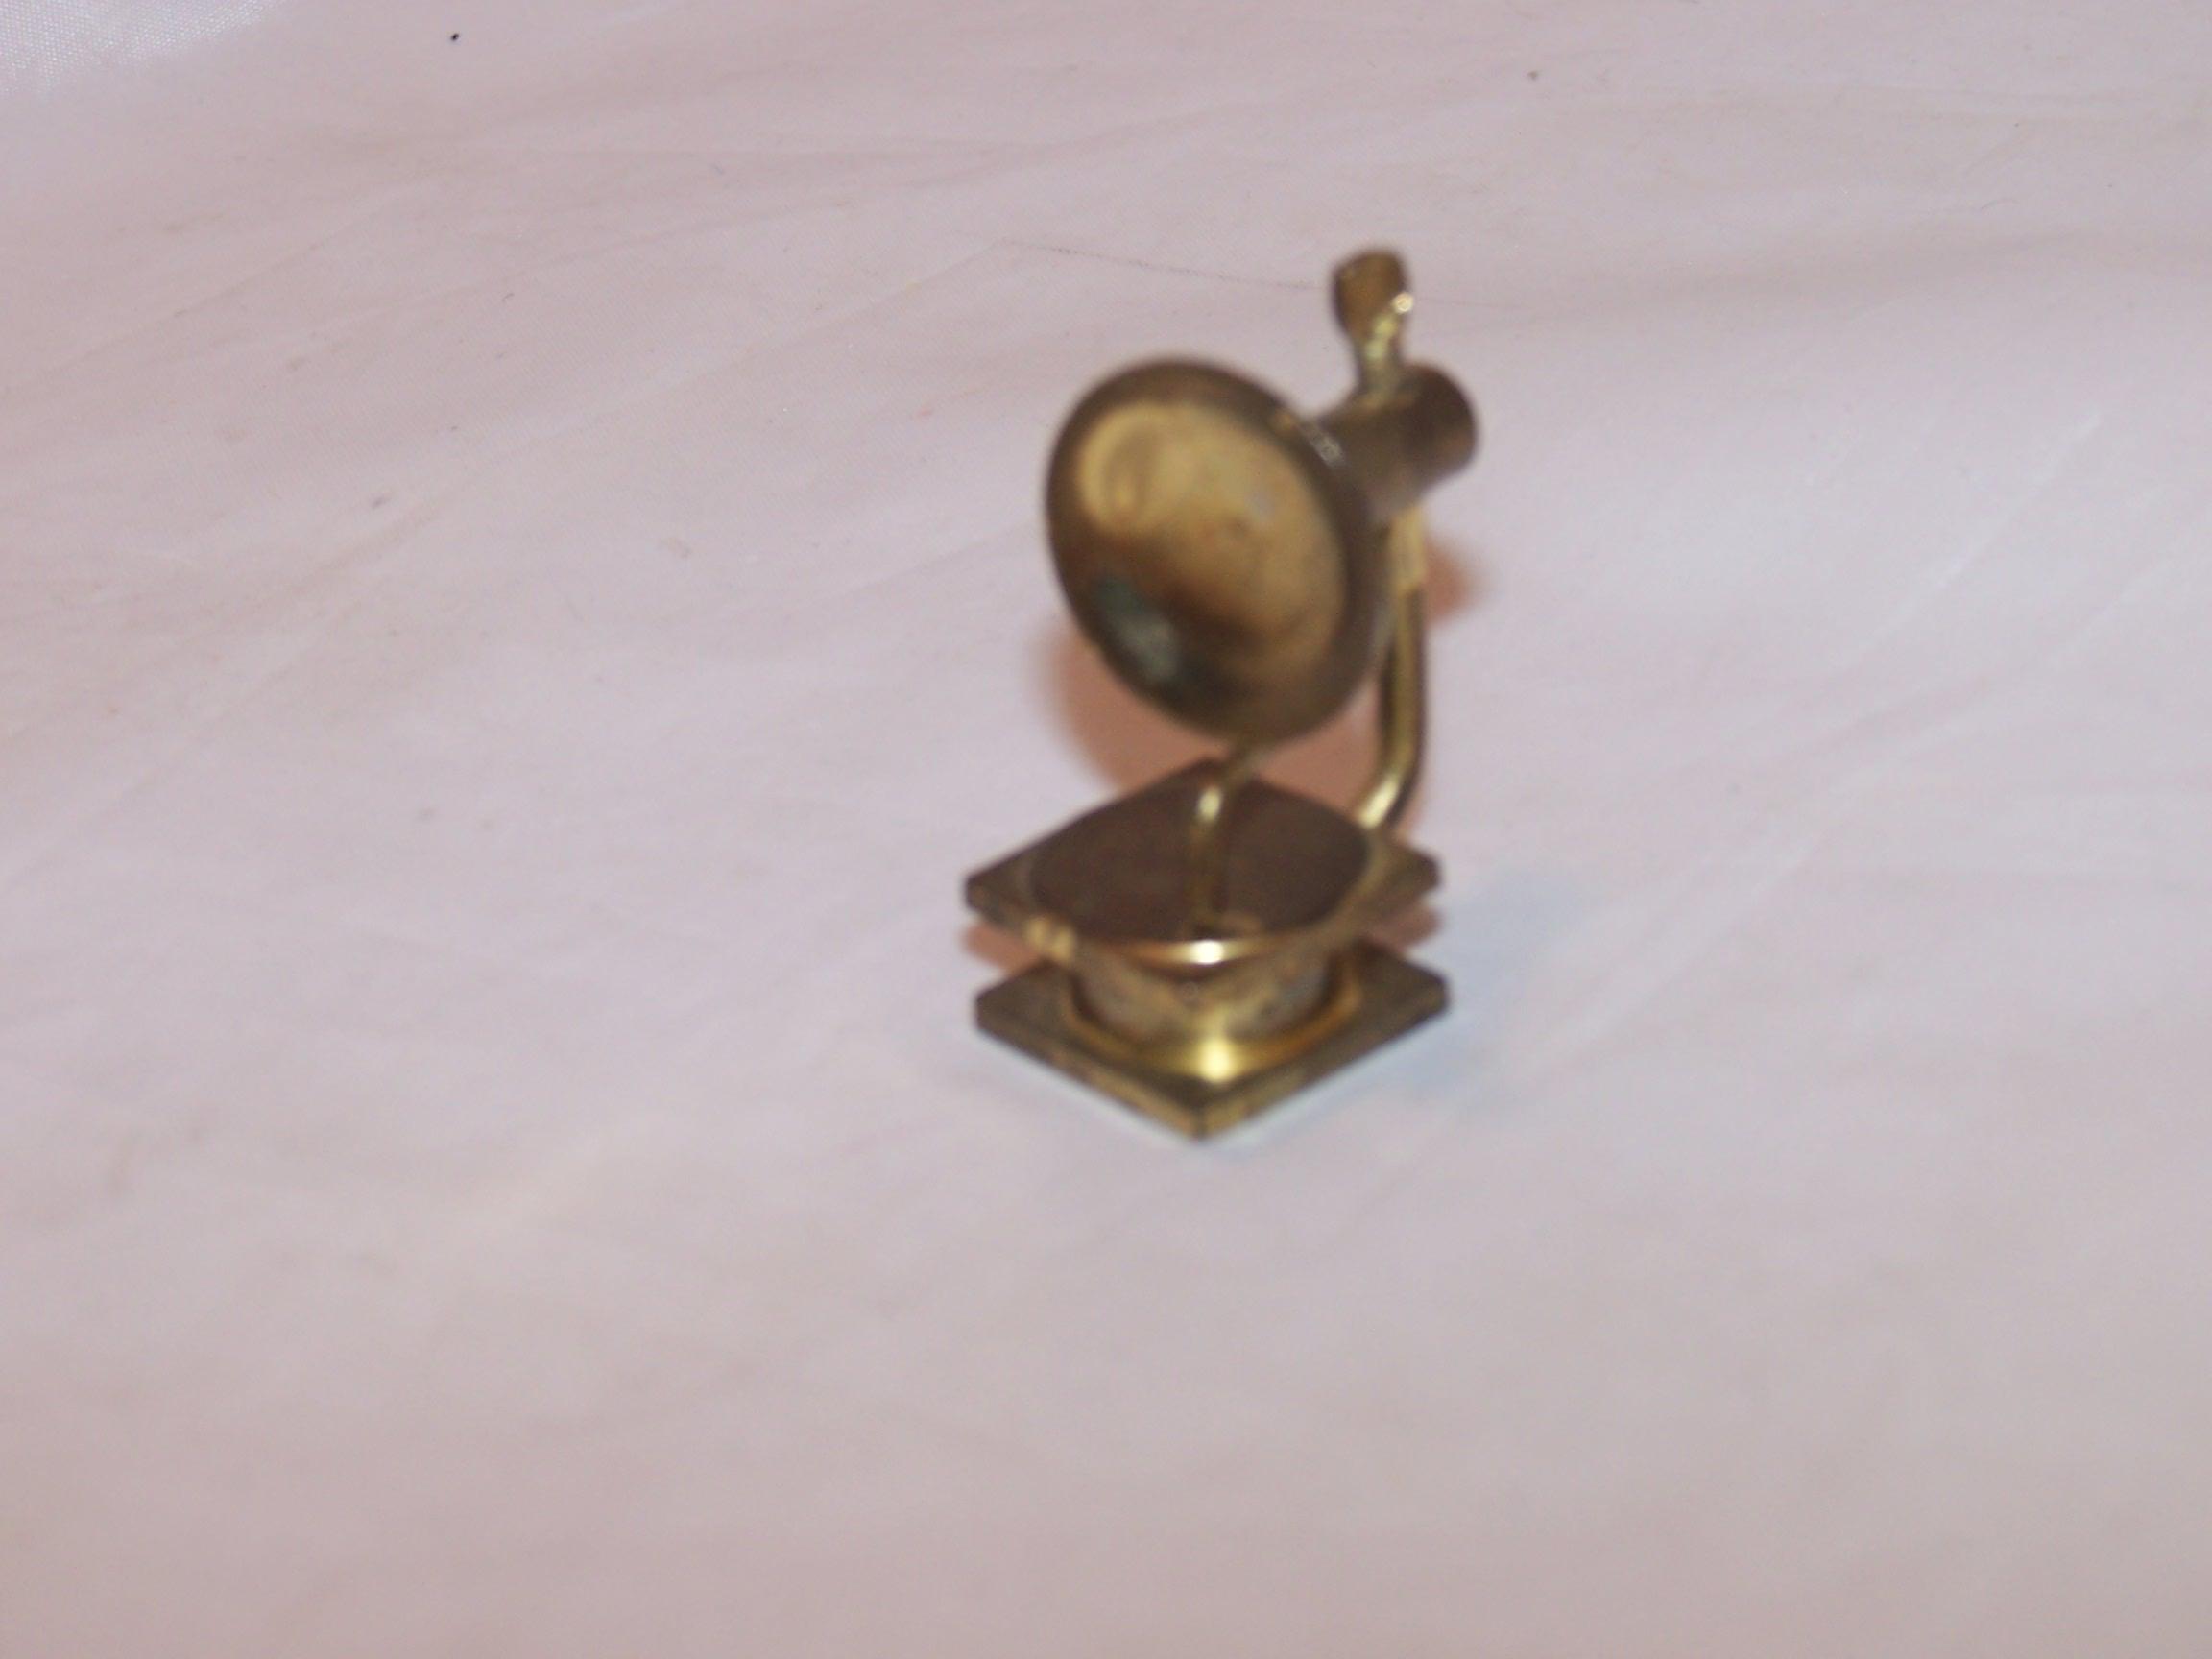 Dollhouse Brass Victrola